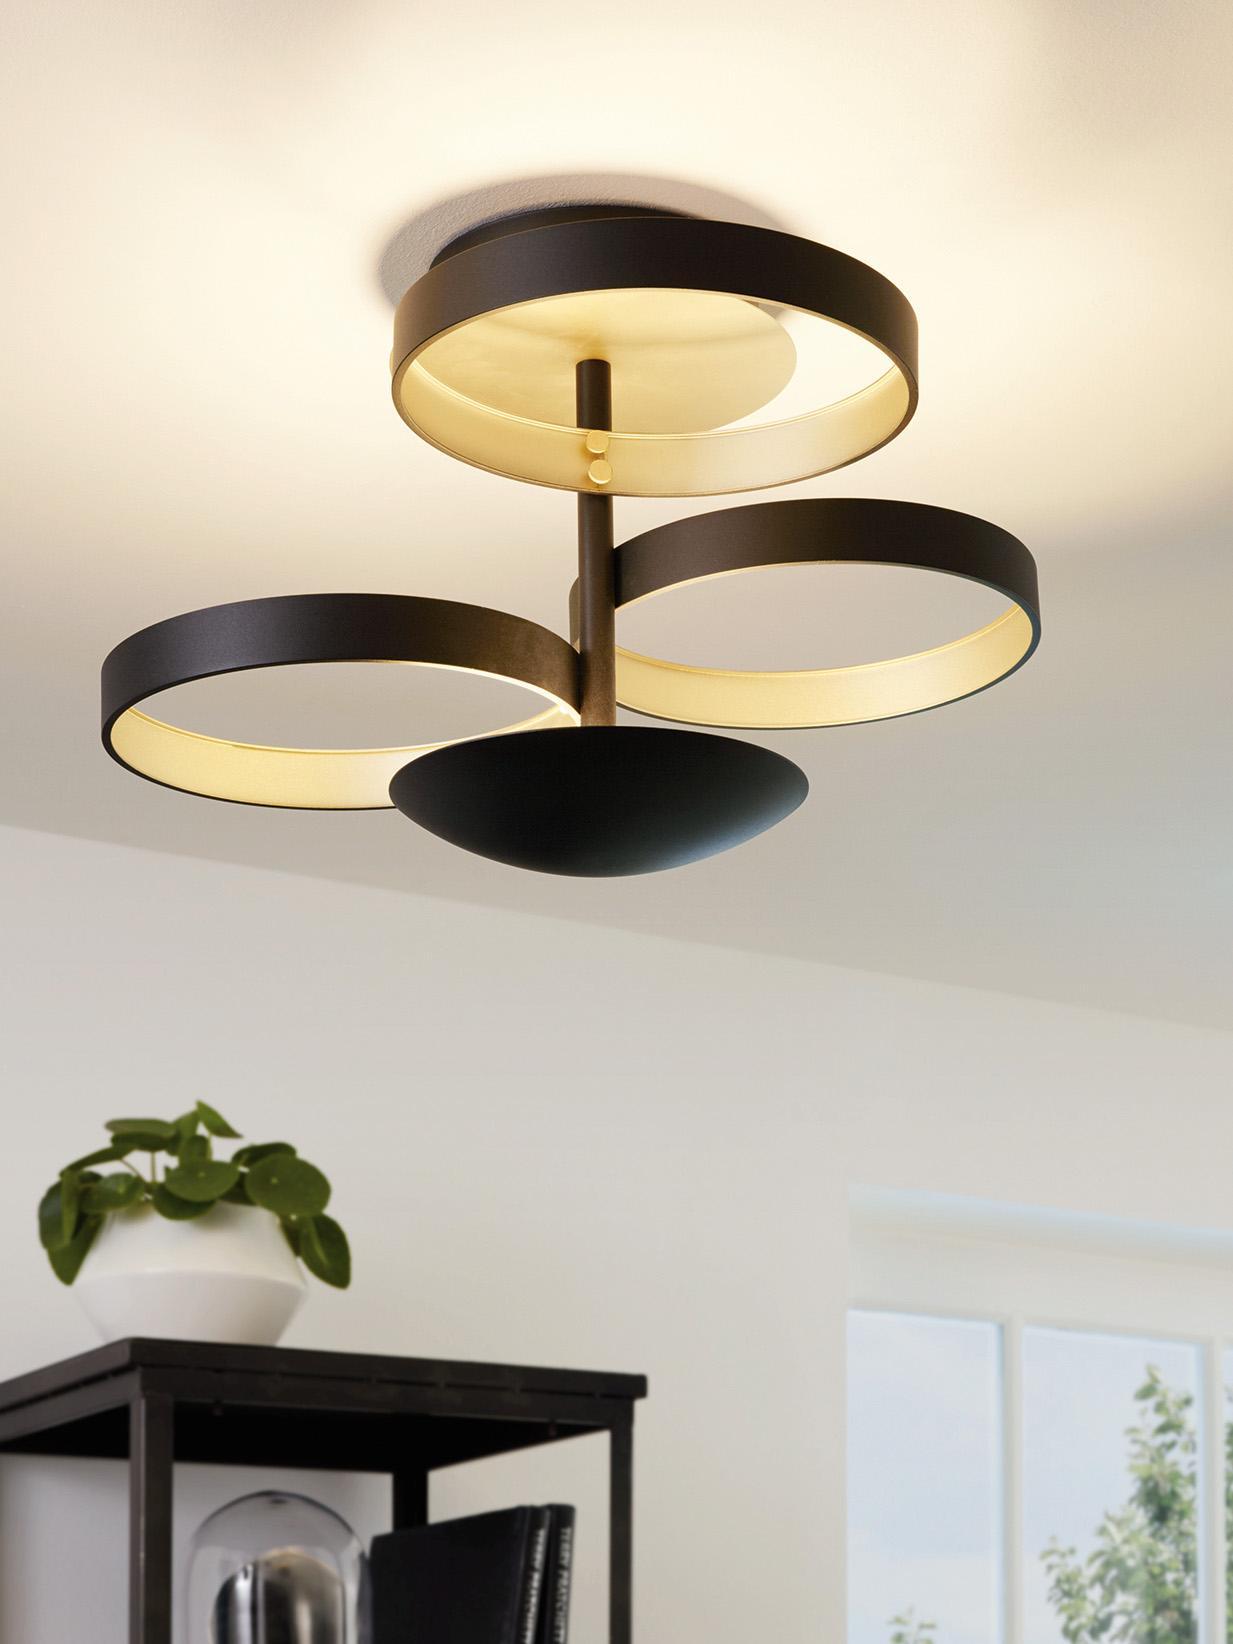 Plafonnier avec variateur d'intensité LED Gromola, Noir